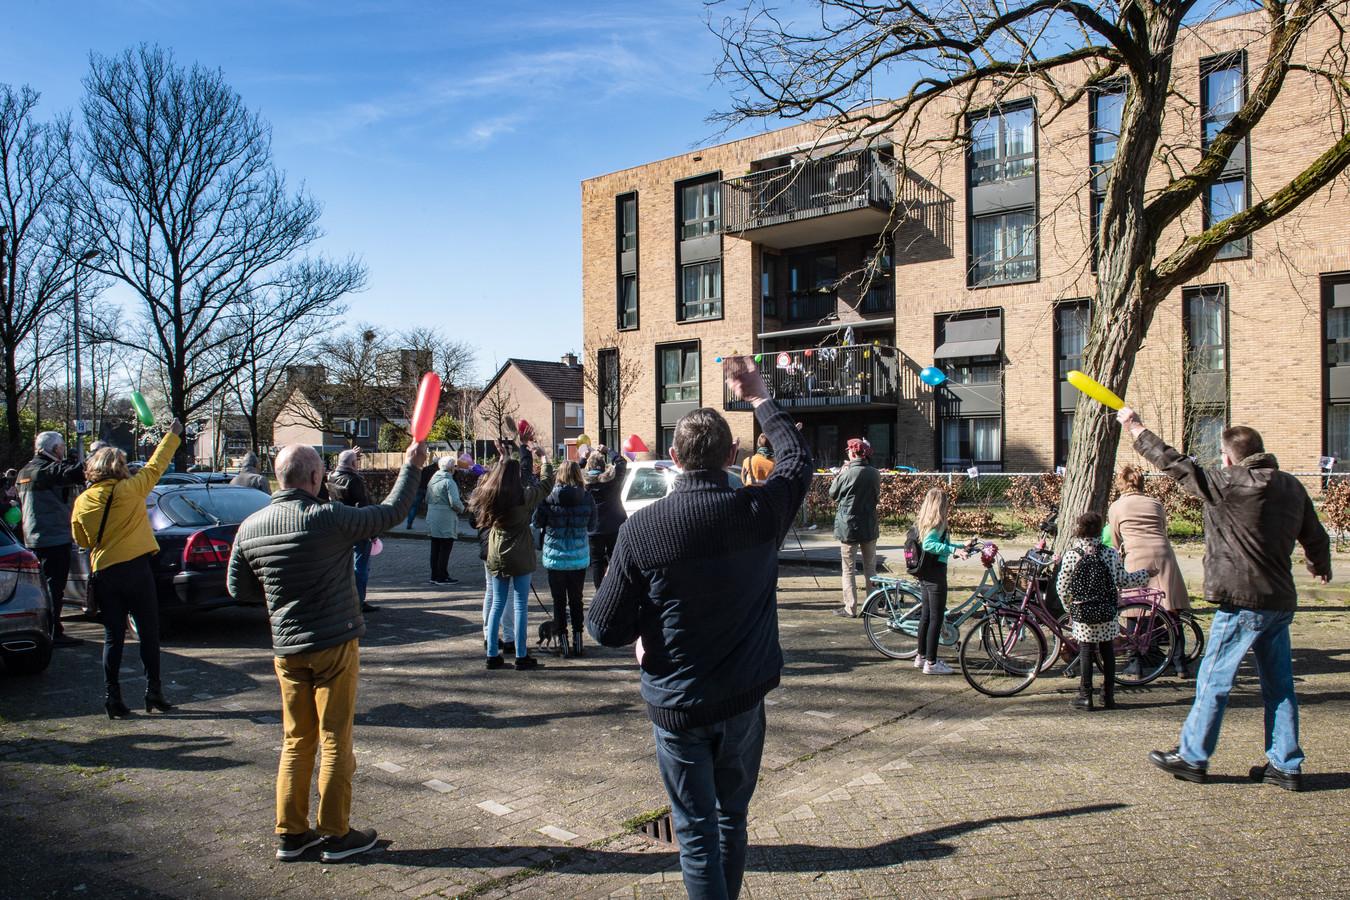 Familieleden en buurtbewoners brengen een aubade aan de honderd jaar geworden Hermina Mali-Gijsberts bij verpleeghuis De Vlechting in de Nijmeegse wijk Zwanenveld.